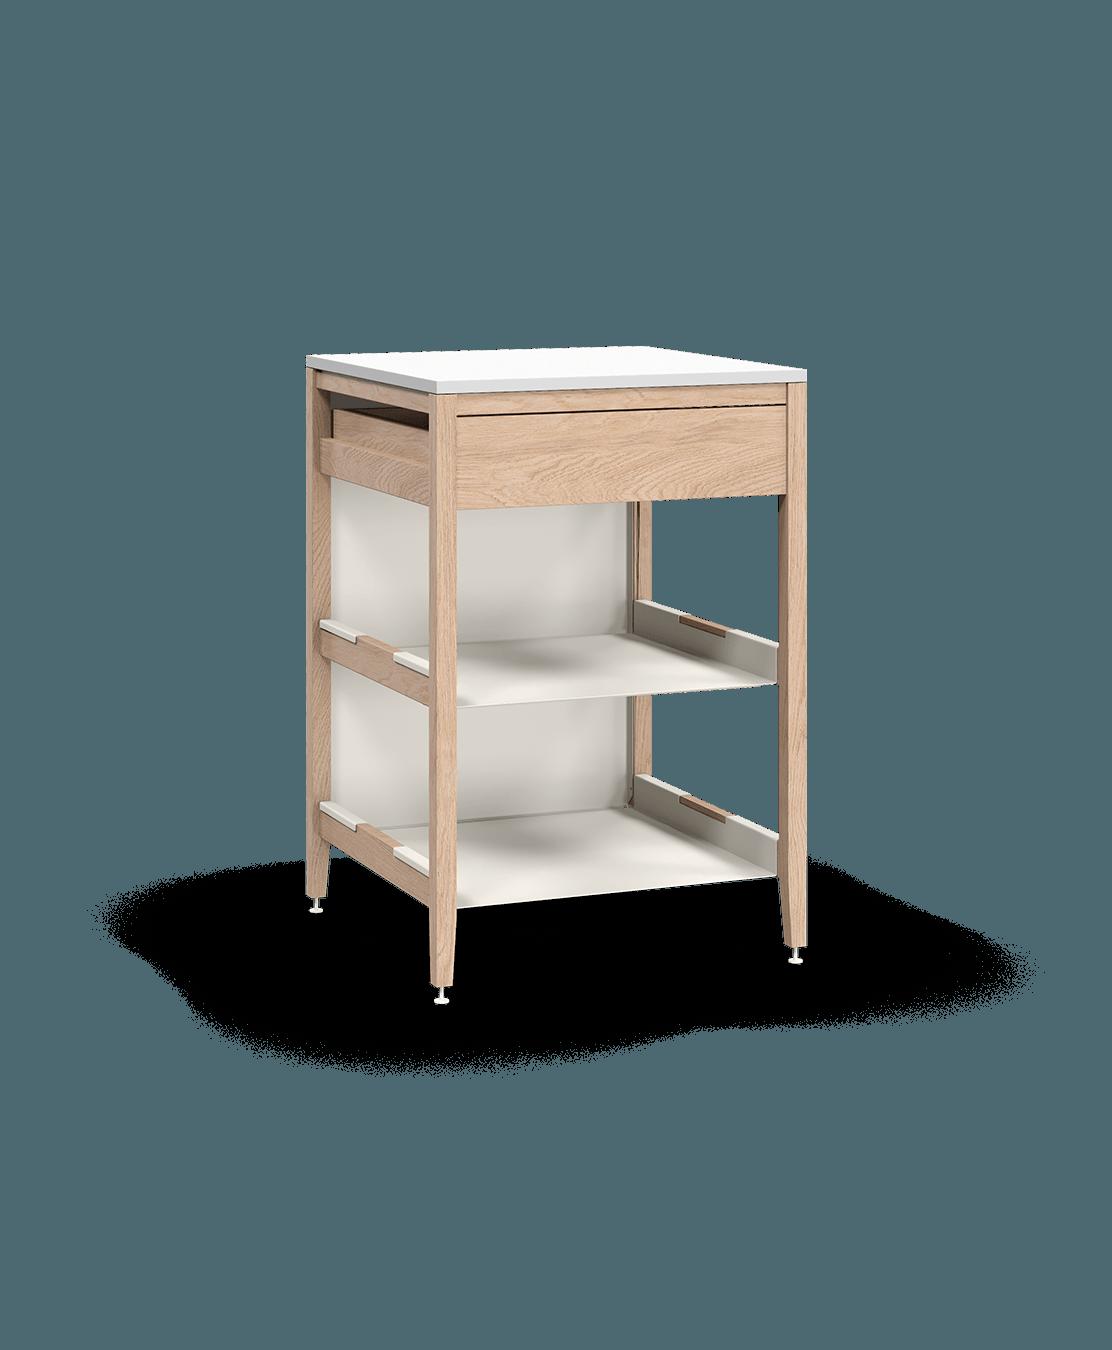 armoire de cuisine modulaire inférieure en bois massif coquo radix avec 2 tablettes 1 tiroir chêne blanc 27 pouces C1-C-27TB-1023-NA